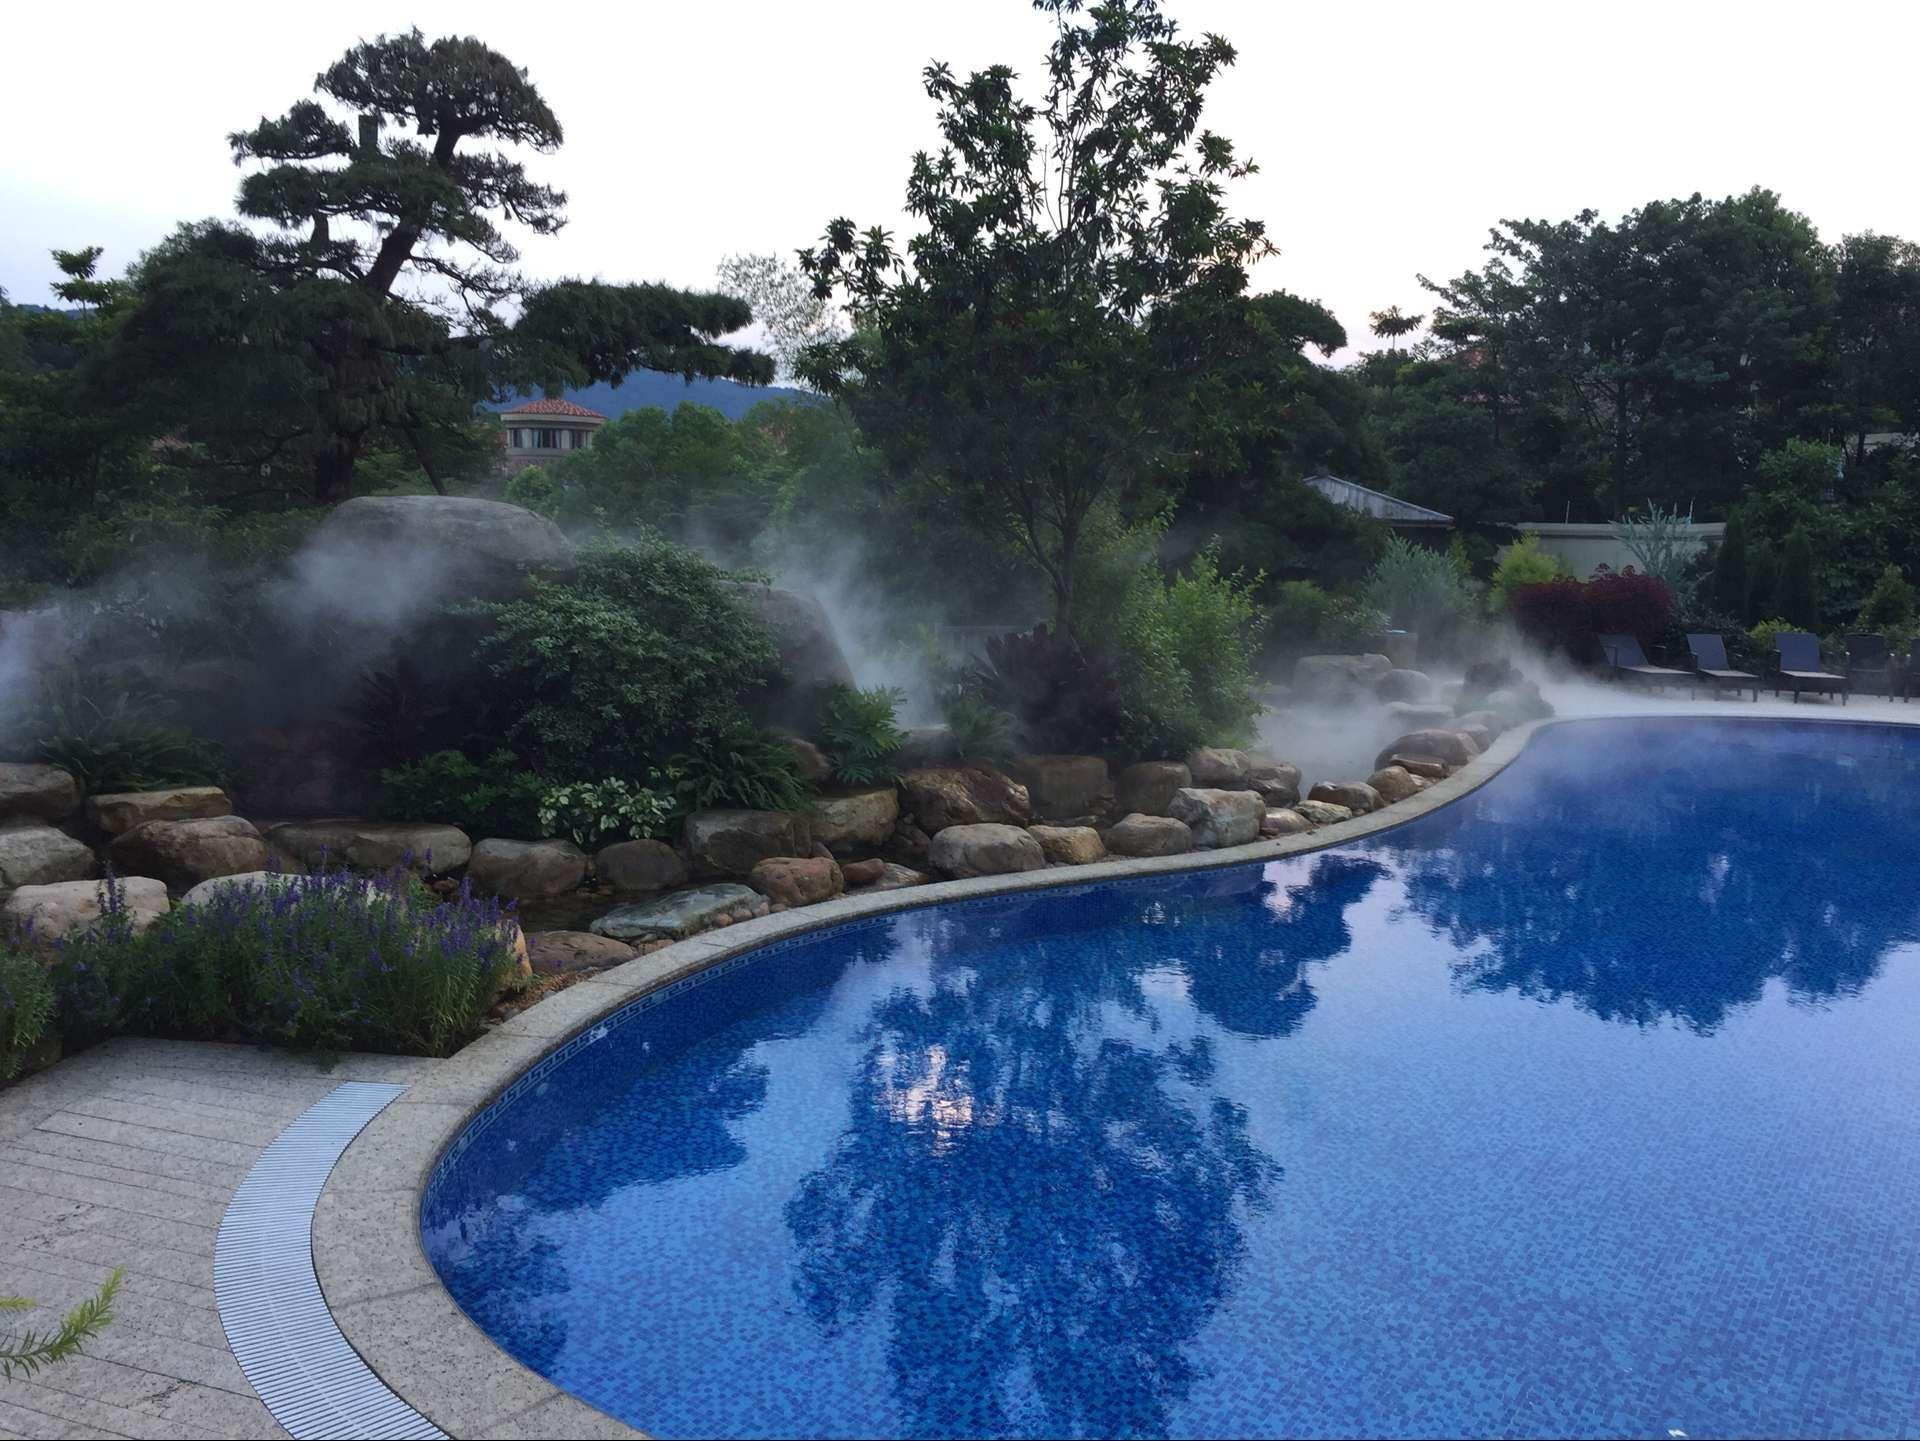 荣纯水设备有限公司 产品展示 景观造雾 温泉景观造雾 > 温泉景观雾森